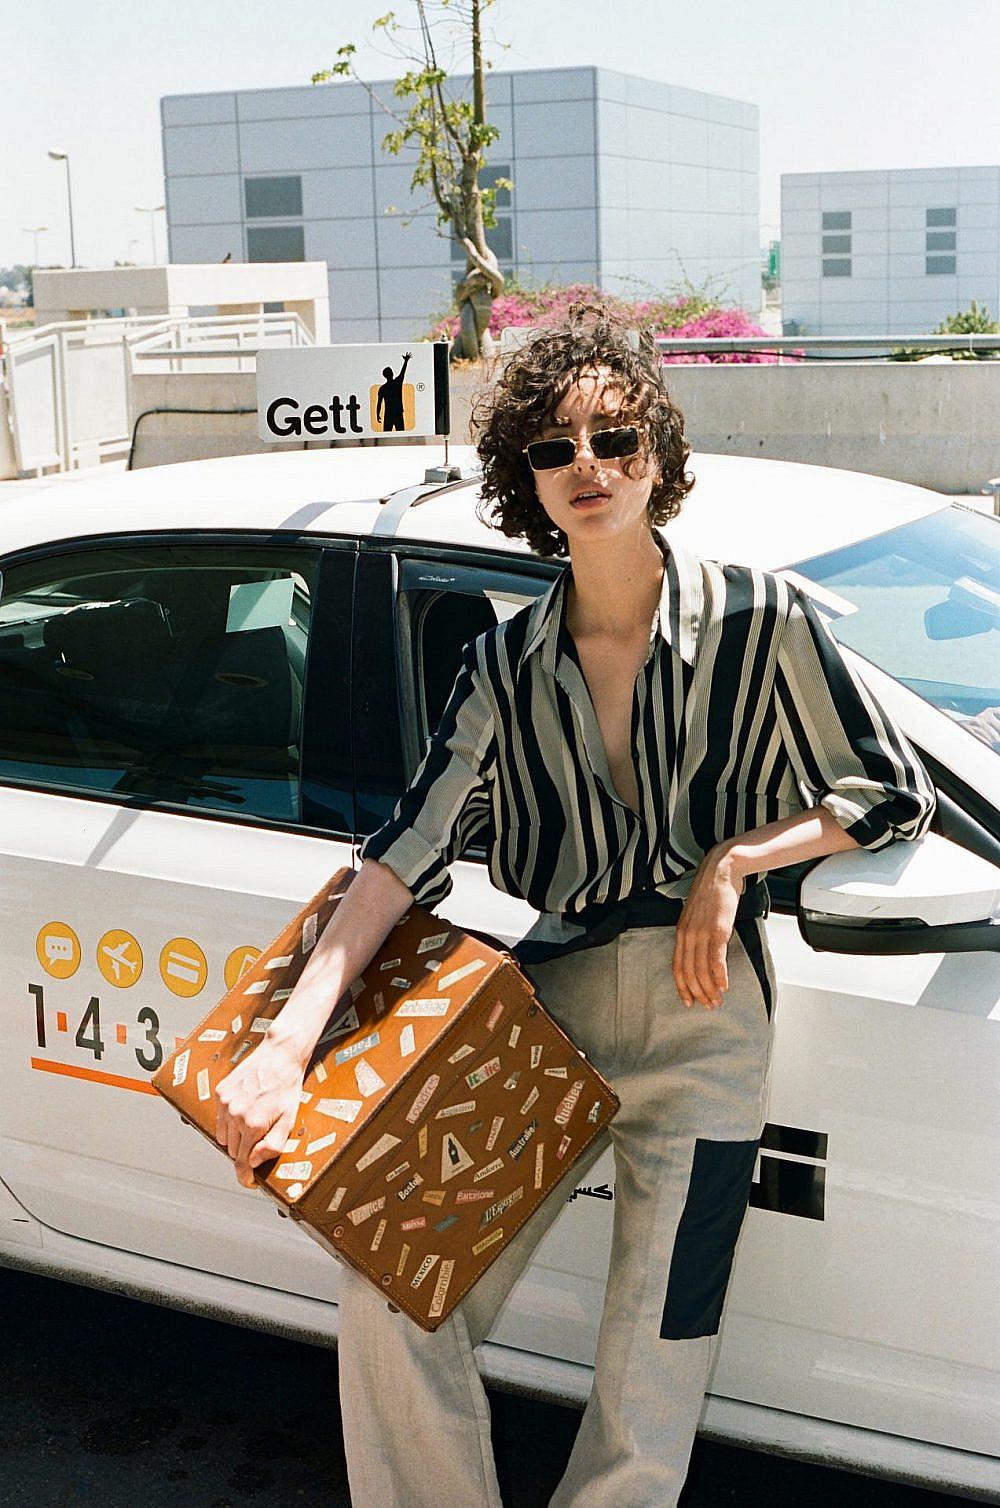 צילום: תום מרשק, סטיילינג: אלין זידקוב לArtbook, דוגמנית: אריאל הלוי לרוברטו. מכנסיים: Ganni בבוטיק ורנר, משקפיים Vogue, חולצה ומזוודה איתי גונן וינטג'